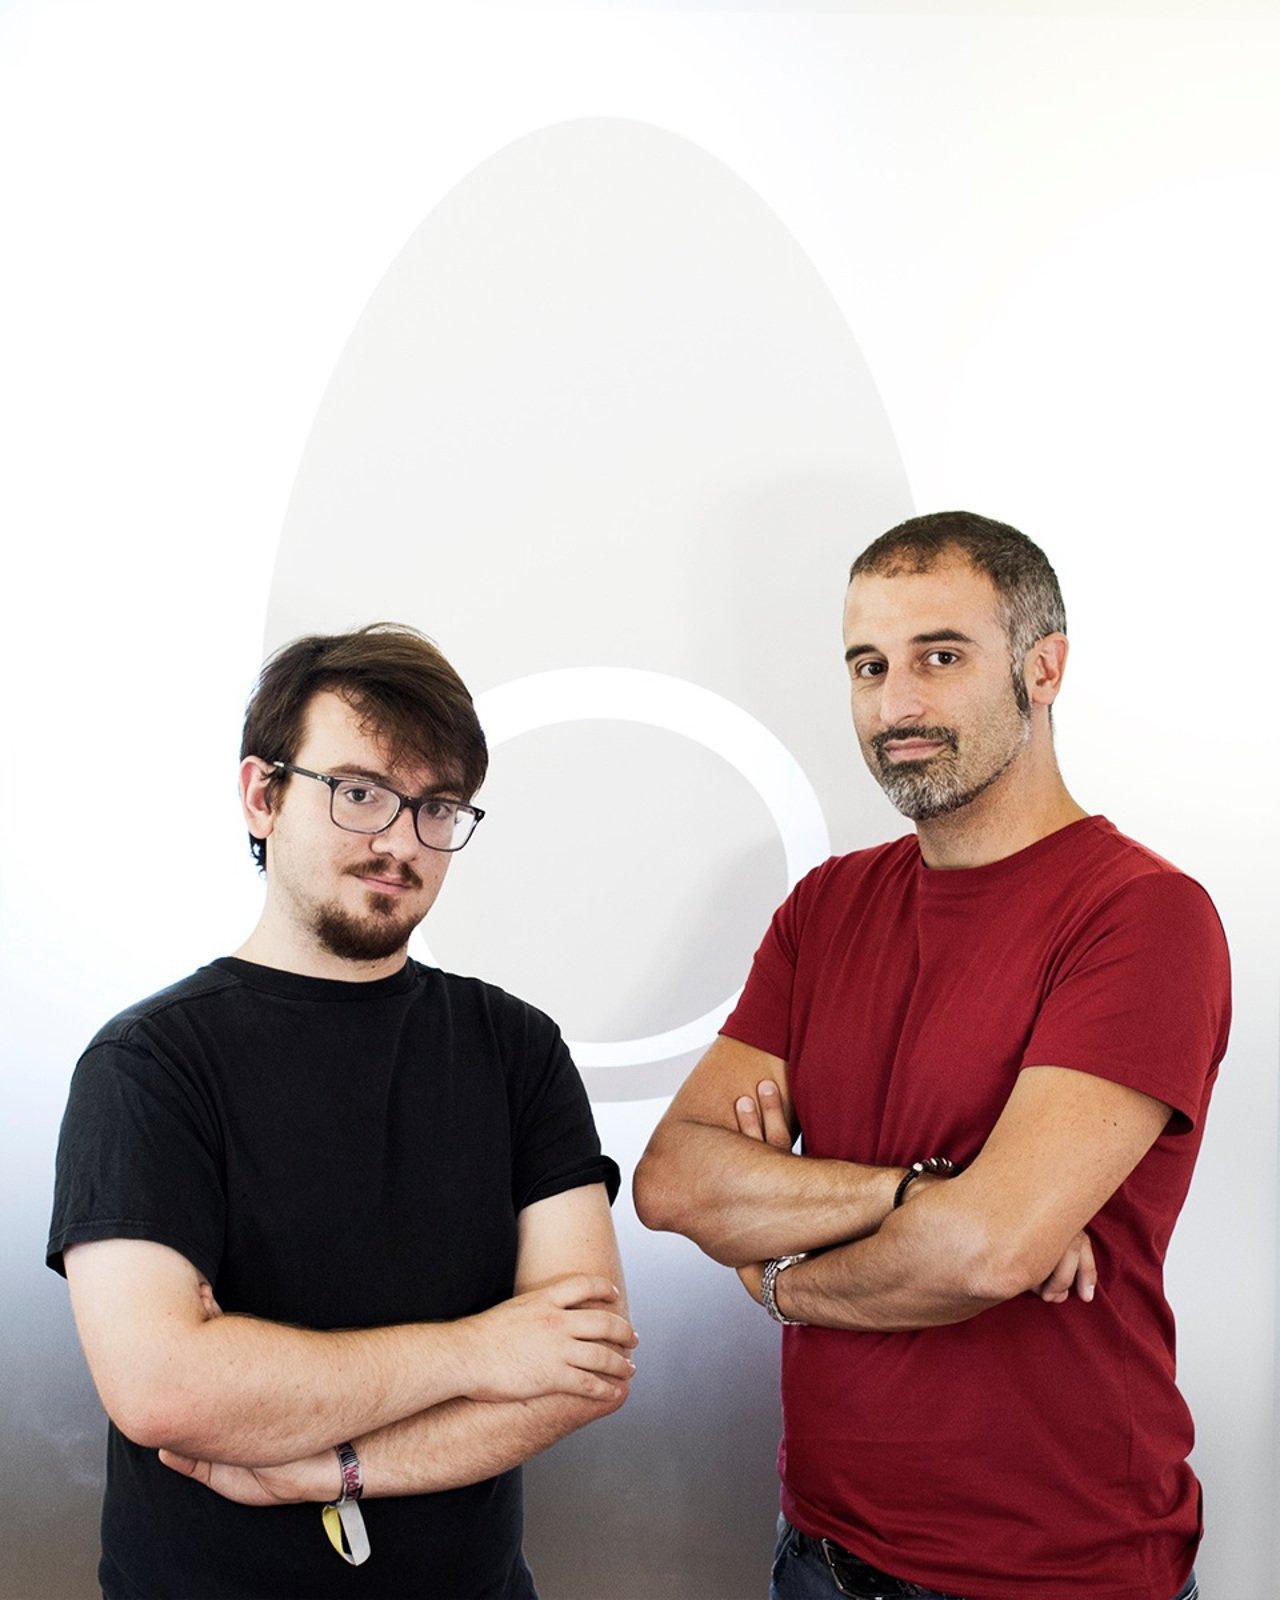 Ovosonico si arricchisce con l'arrivo di Mattia Traverso, creatore di FRU